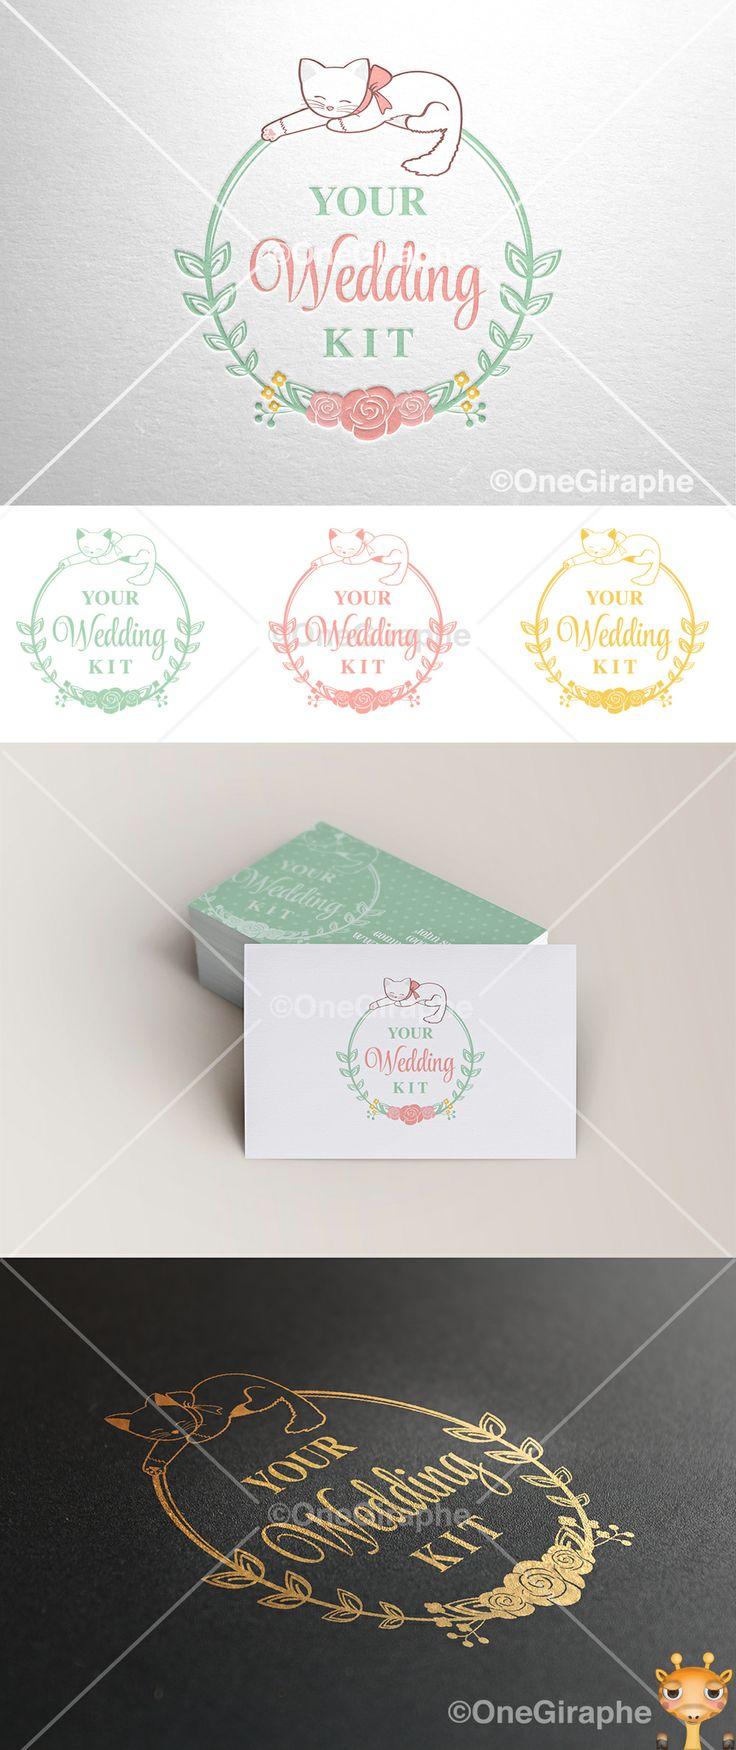 www.One-Giraphe.com #wedding #gold #kitty #cat #logo #logodesign #cute #graphic #design #designer #portfolio #behance #logopond #brandstack #sweet #logodesign #designer #brand #brandidentity #brandstack #logo #logodesign #graphicdesign #logopond #behance #craft #paper #letterpress #pattern #badge #portfolio #flower